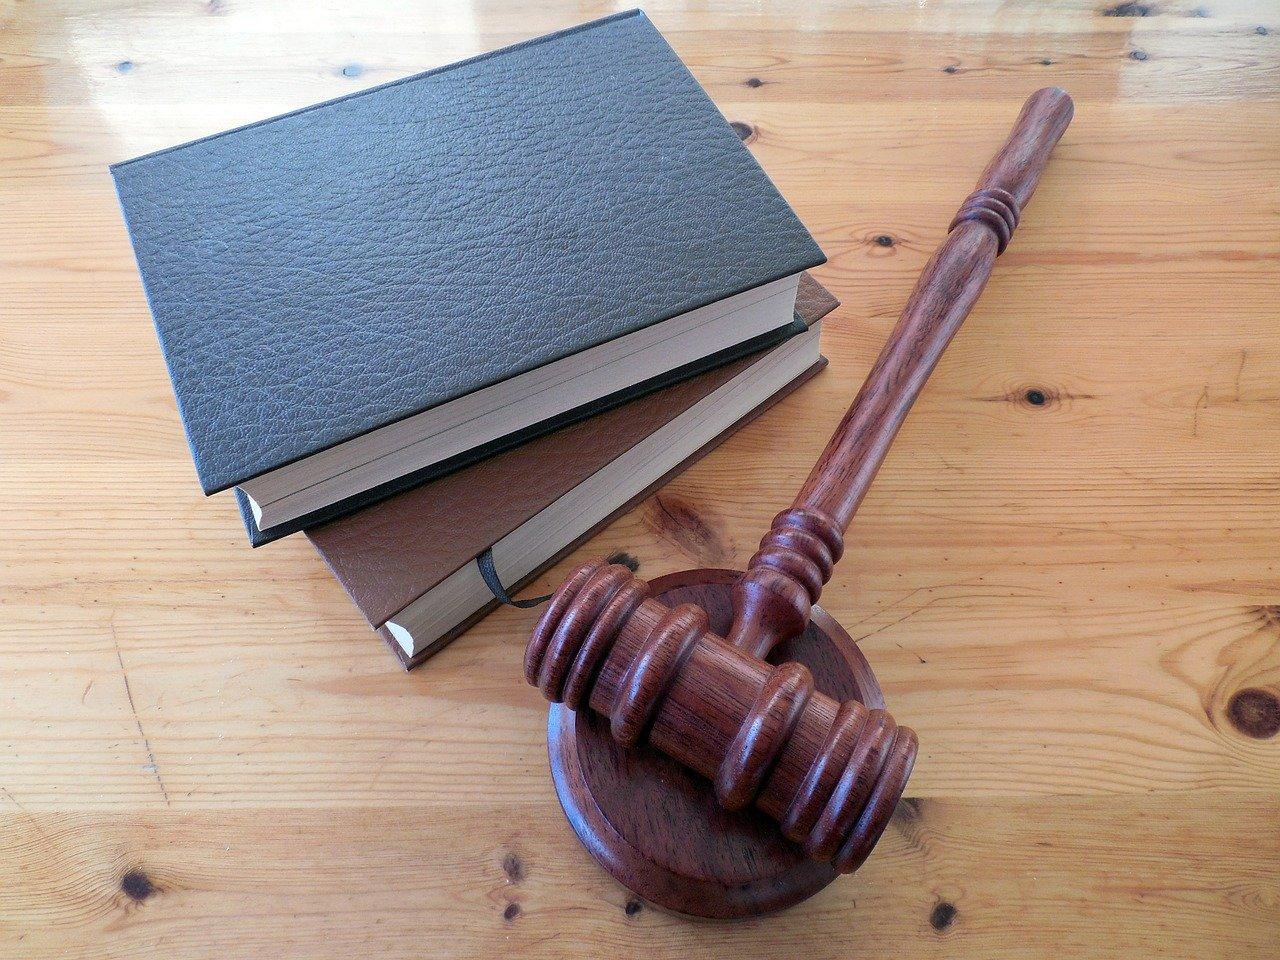 В Евпатории педофила приговорили к 8 годам лишения свободы